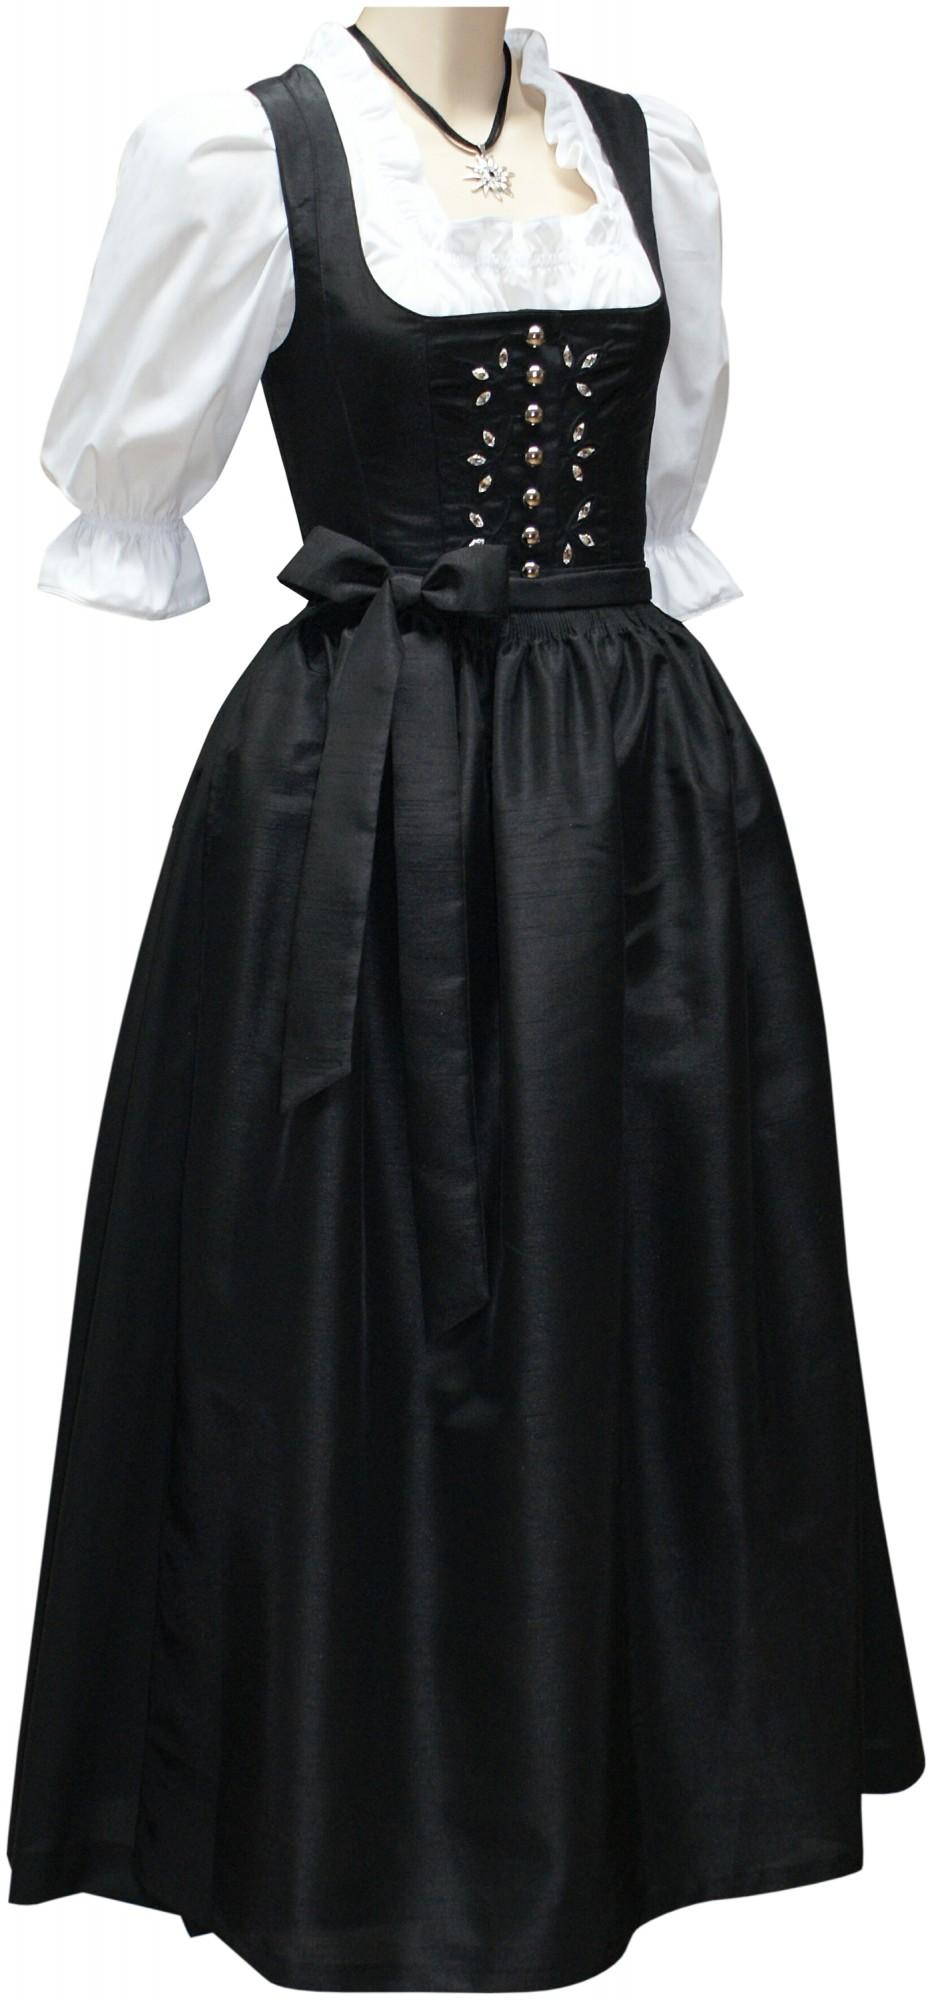 dirndl festtracht kristall kleid trachtenkleid dirndlkleid ballkleid schwarz damenbekleidung. Black Bedroom Furniture Sets. Home Design Ideas